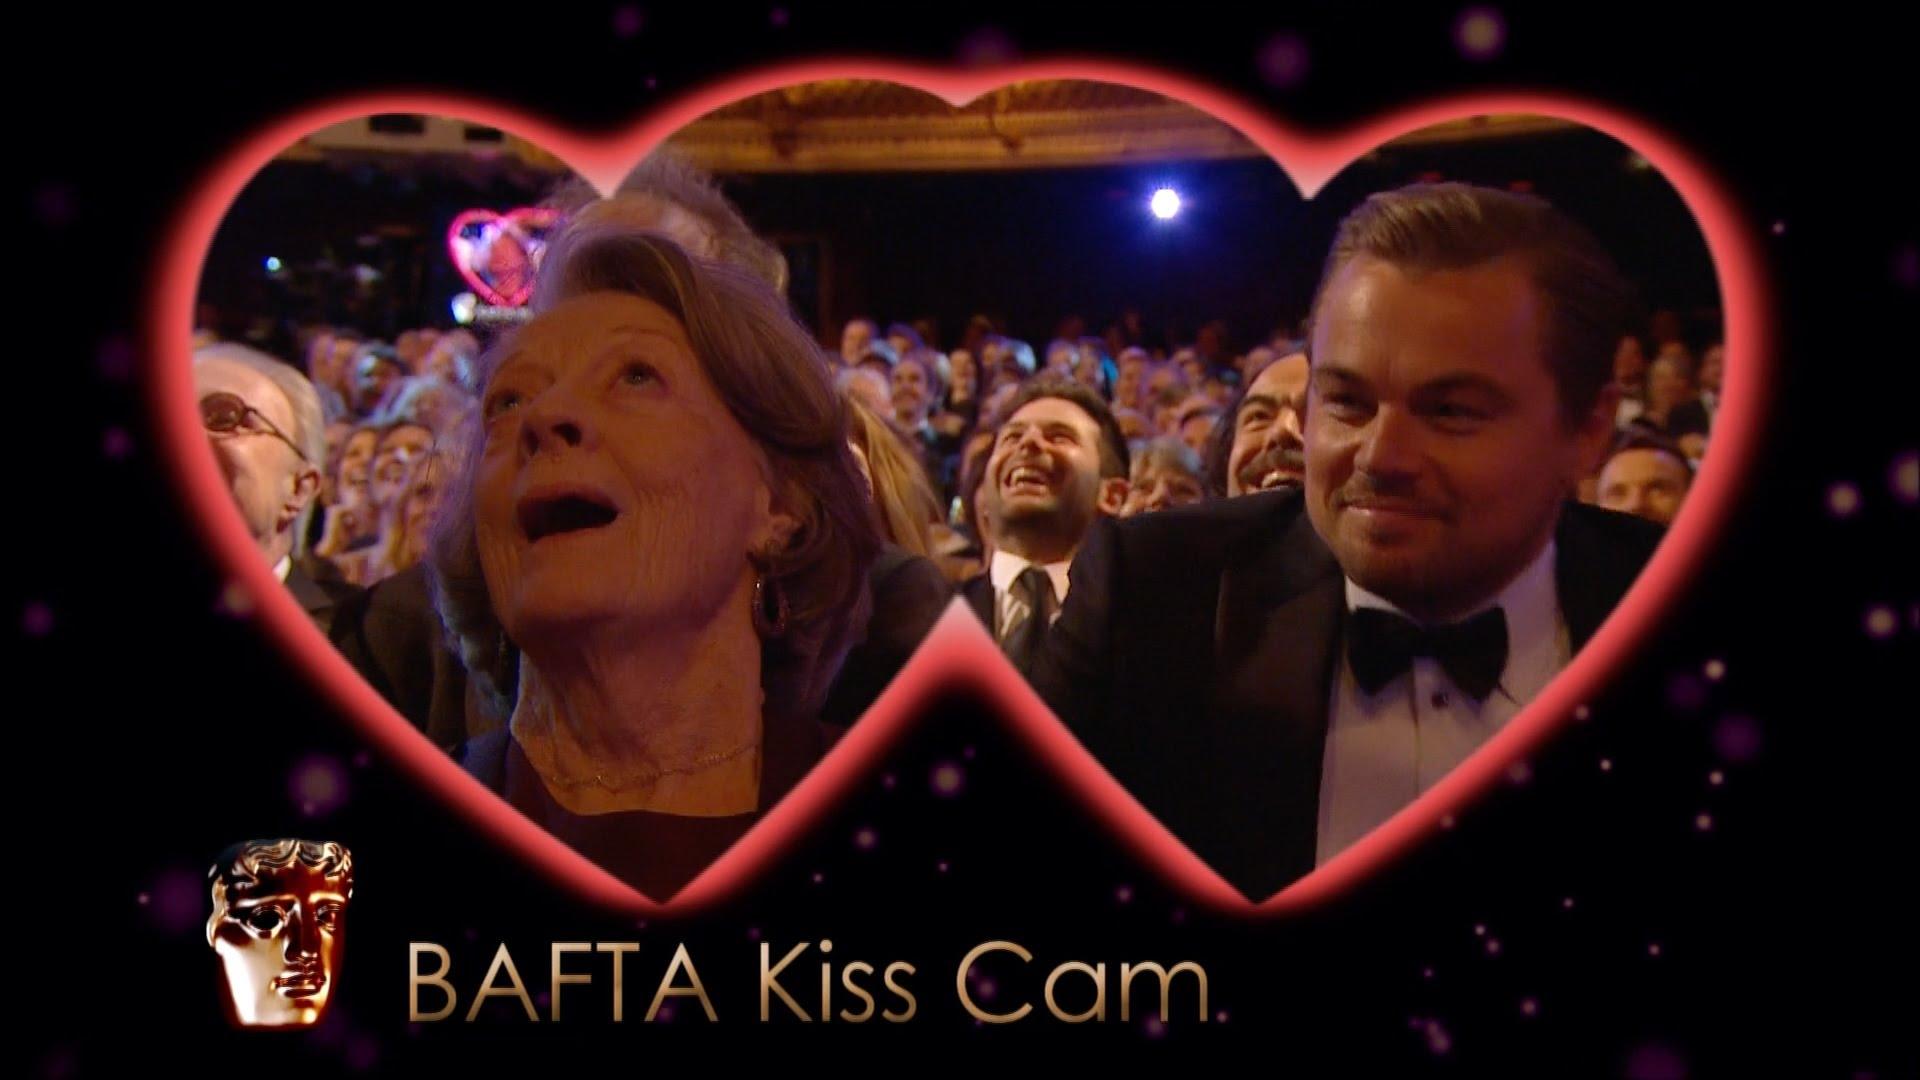 Dragostea a fost peste tot de Valentine`s Day, chiar si la prestigioasele premii BAFTA 2016, acordate de Academia Britanica de film. Leonardo DiCaprio a fost din nou in centrul atentiei.